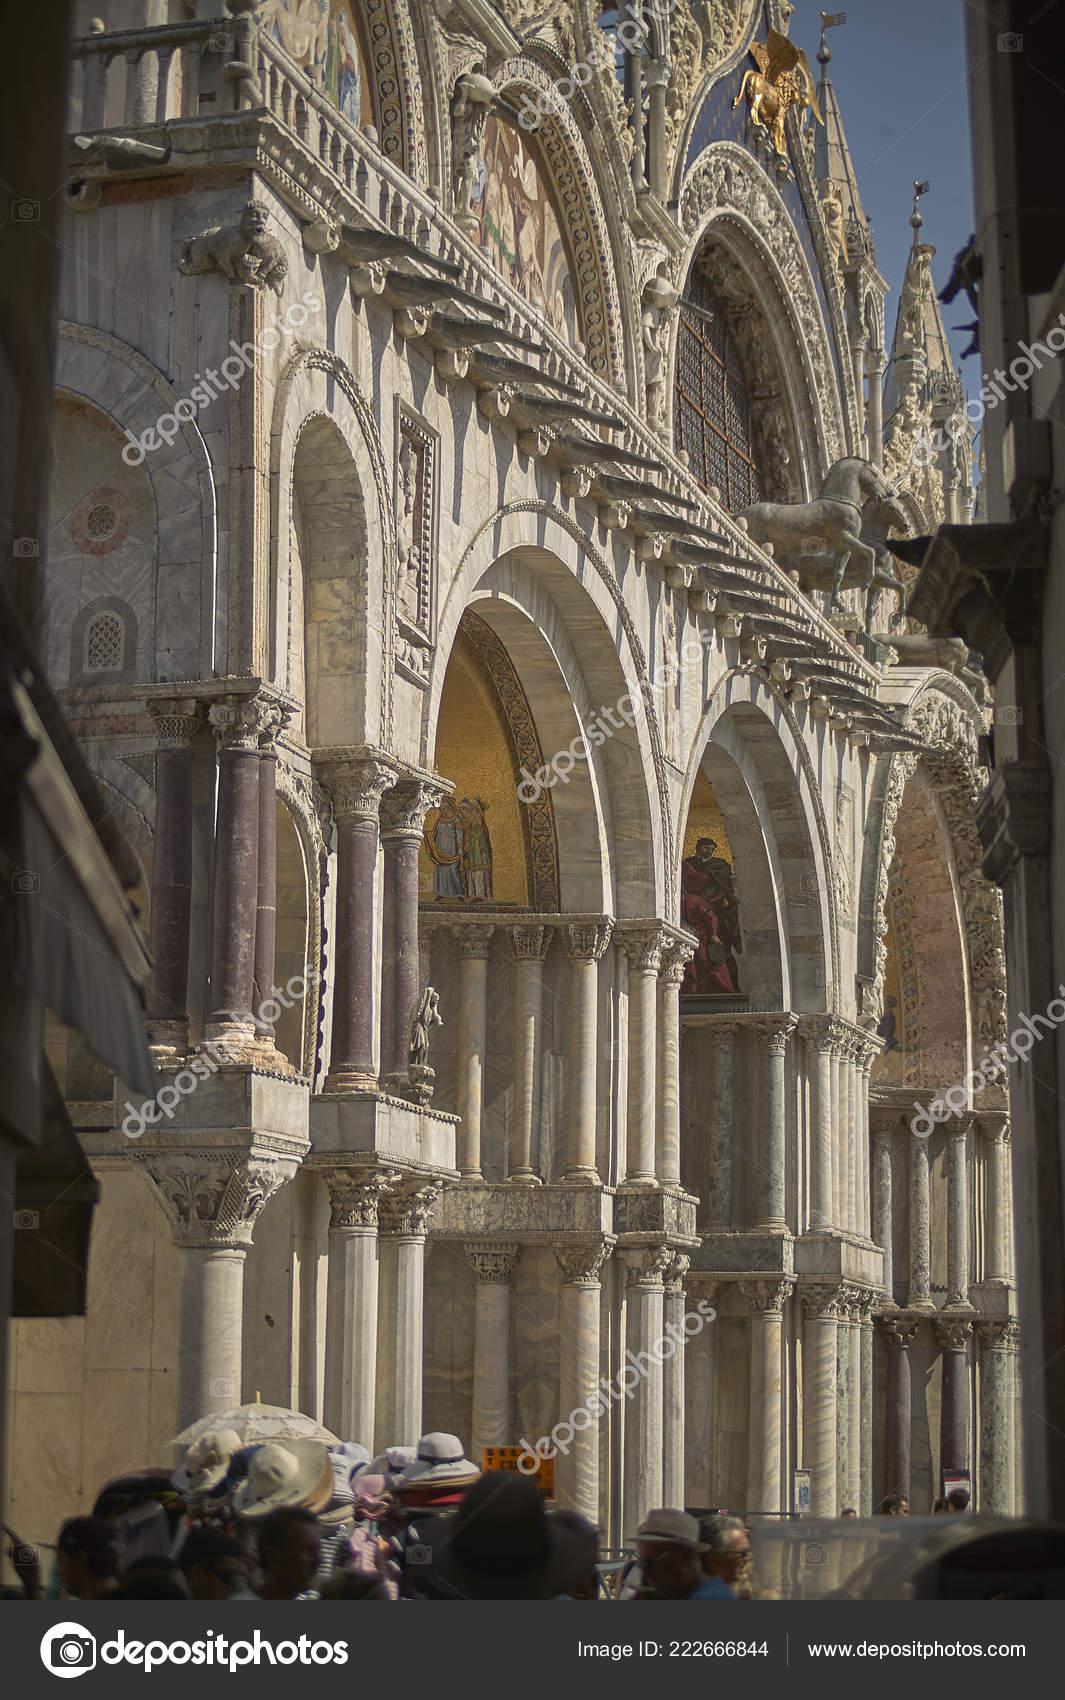 Entrada Basilica Puerta San Marcos Venecia Llena Turistas Visitar